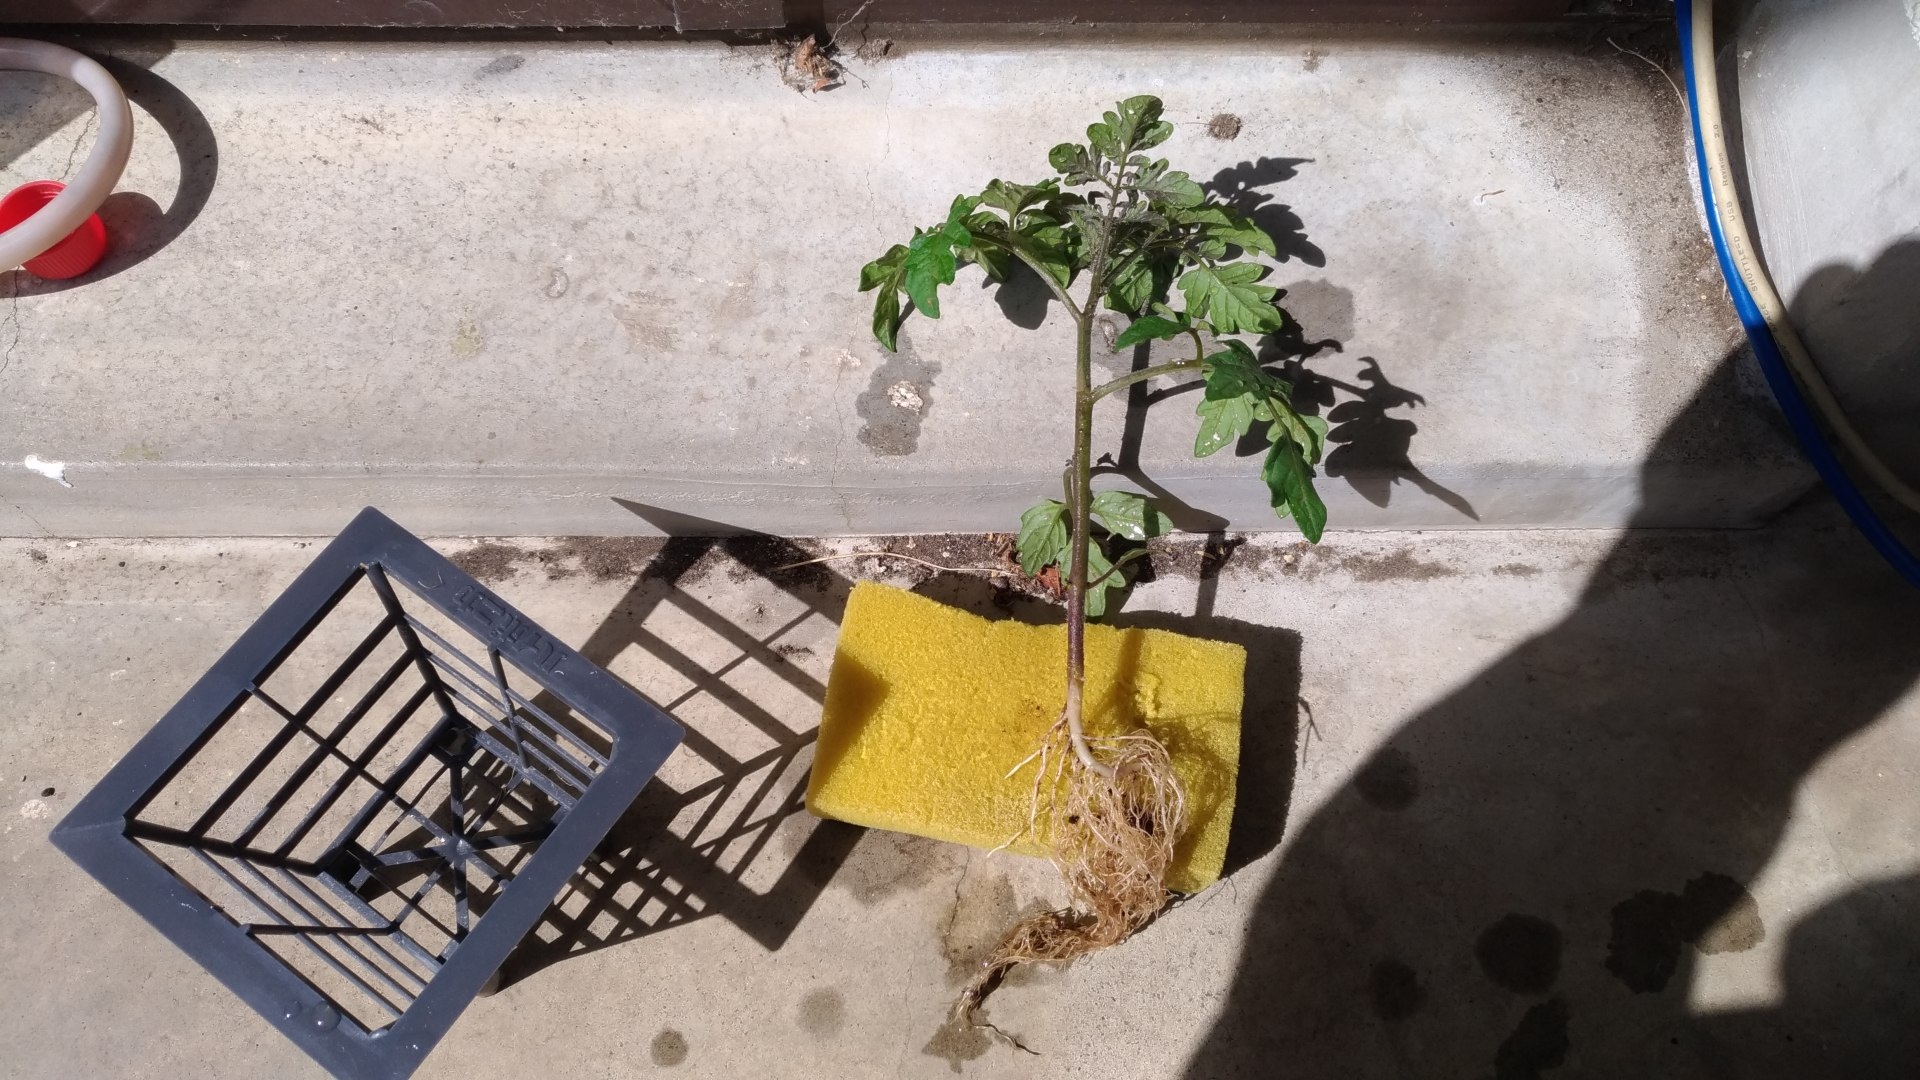 ミニキャロルの苗をポッドから外してスポンジに巻きつけて水耕栽培用のポッドに入れる